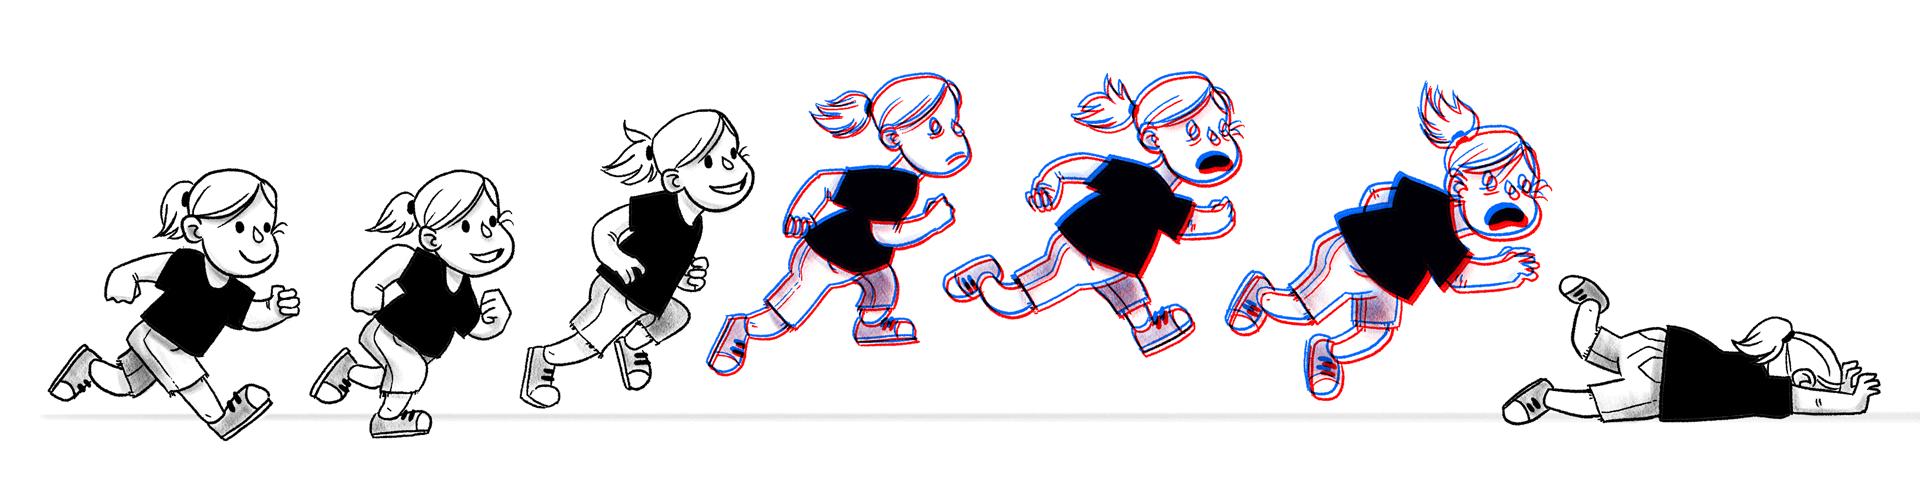 Создание анимации картинках